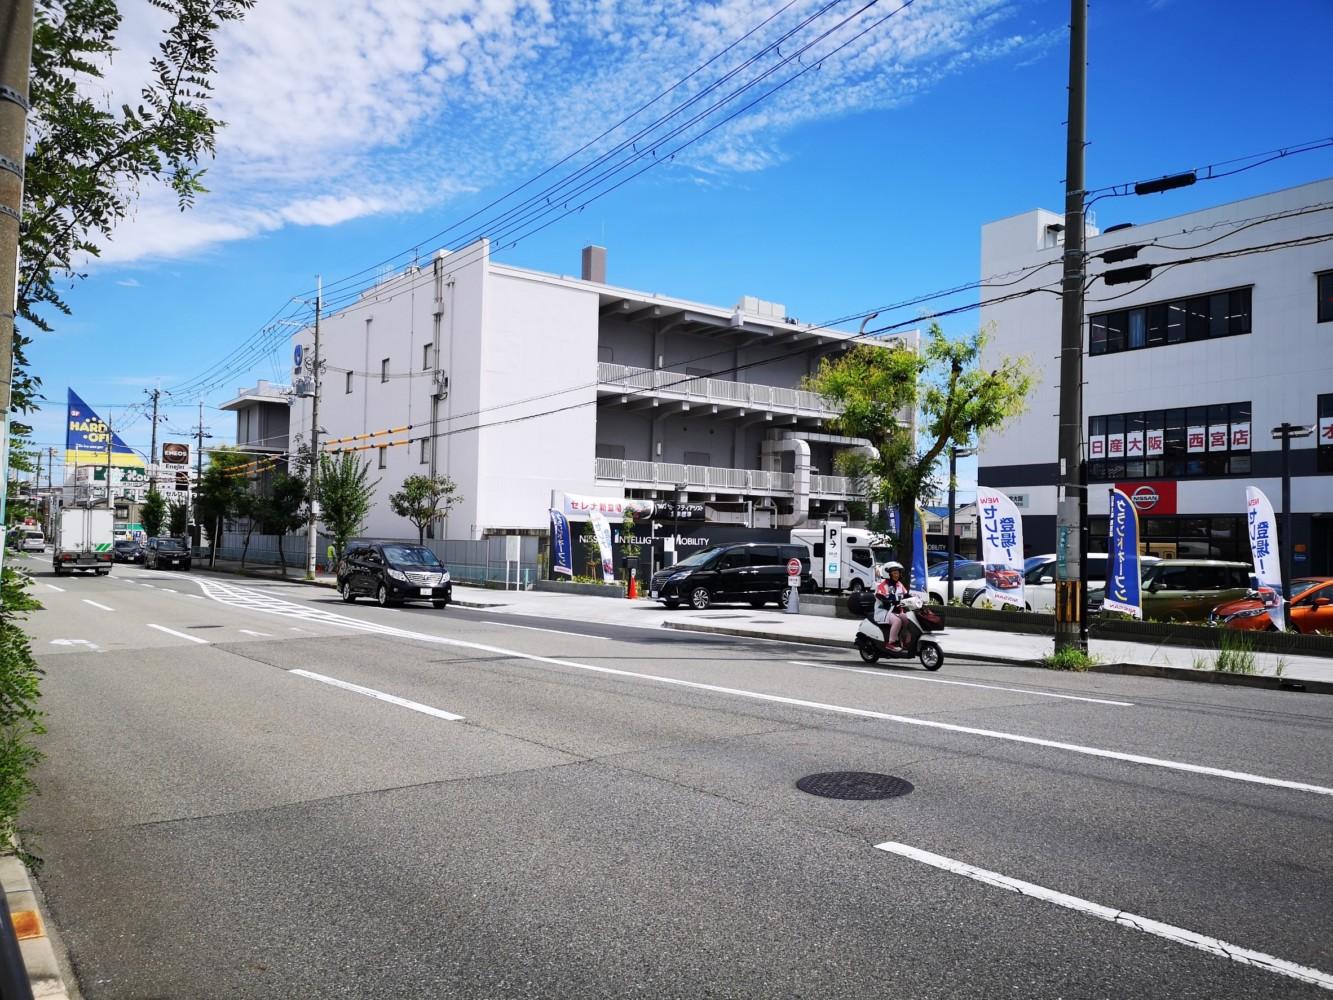 山手幹線沿いに「日産大阪 西宮店」がオープンしてる!